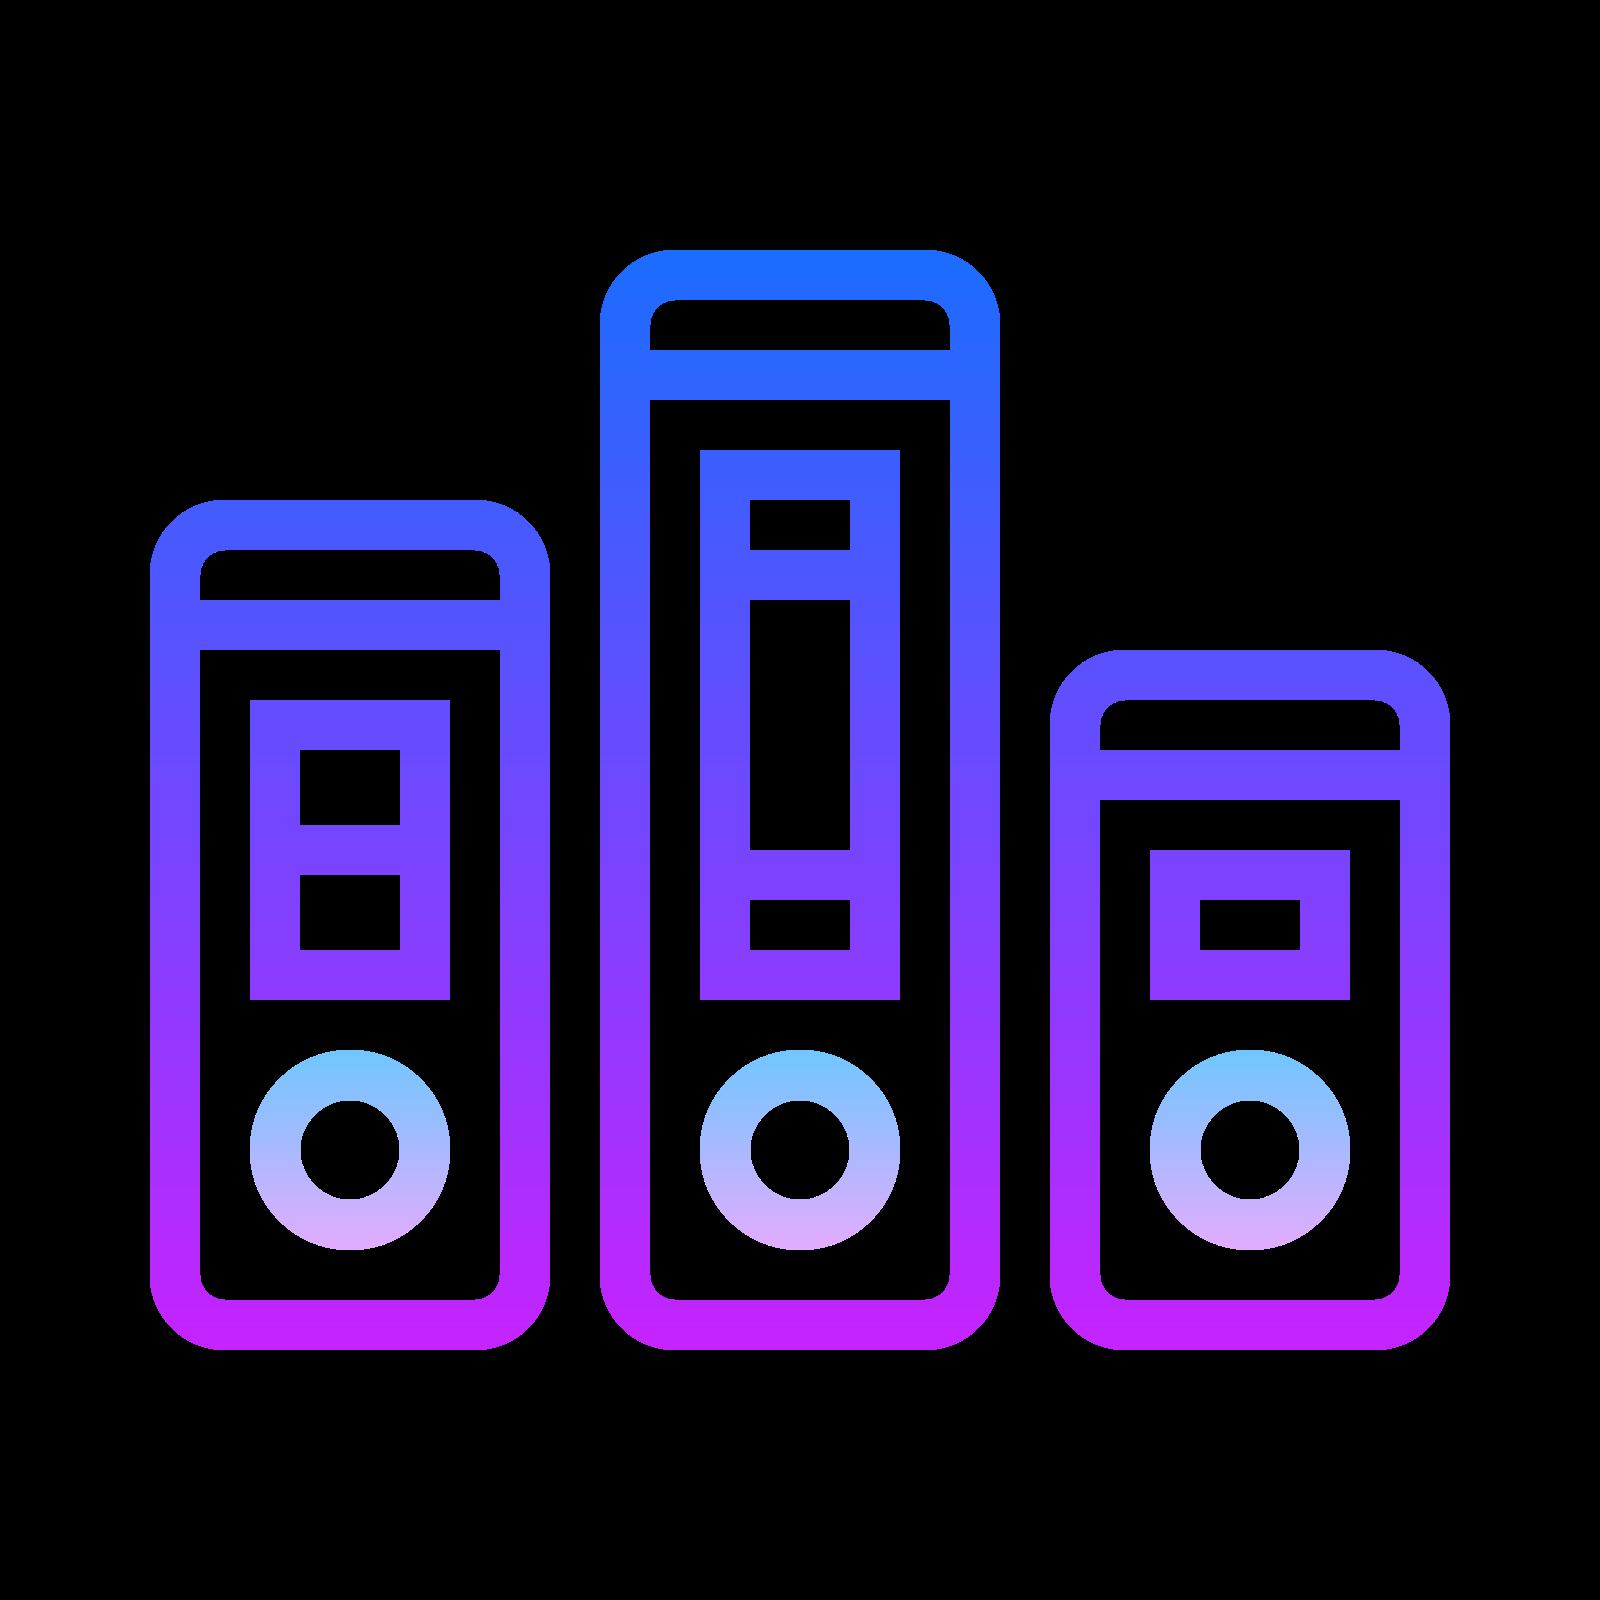 活页夹文件夹 icon